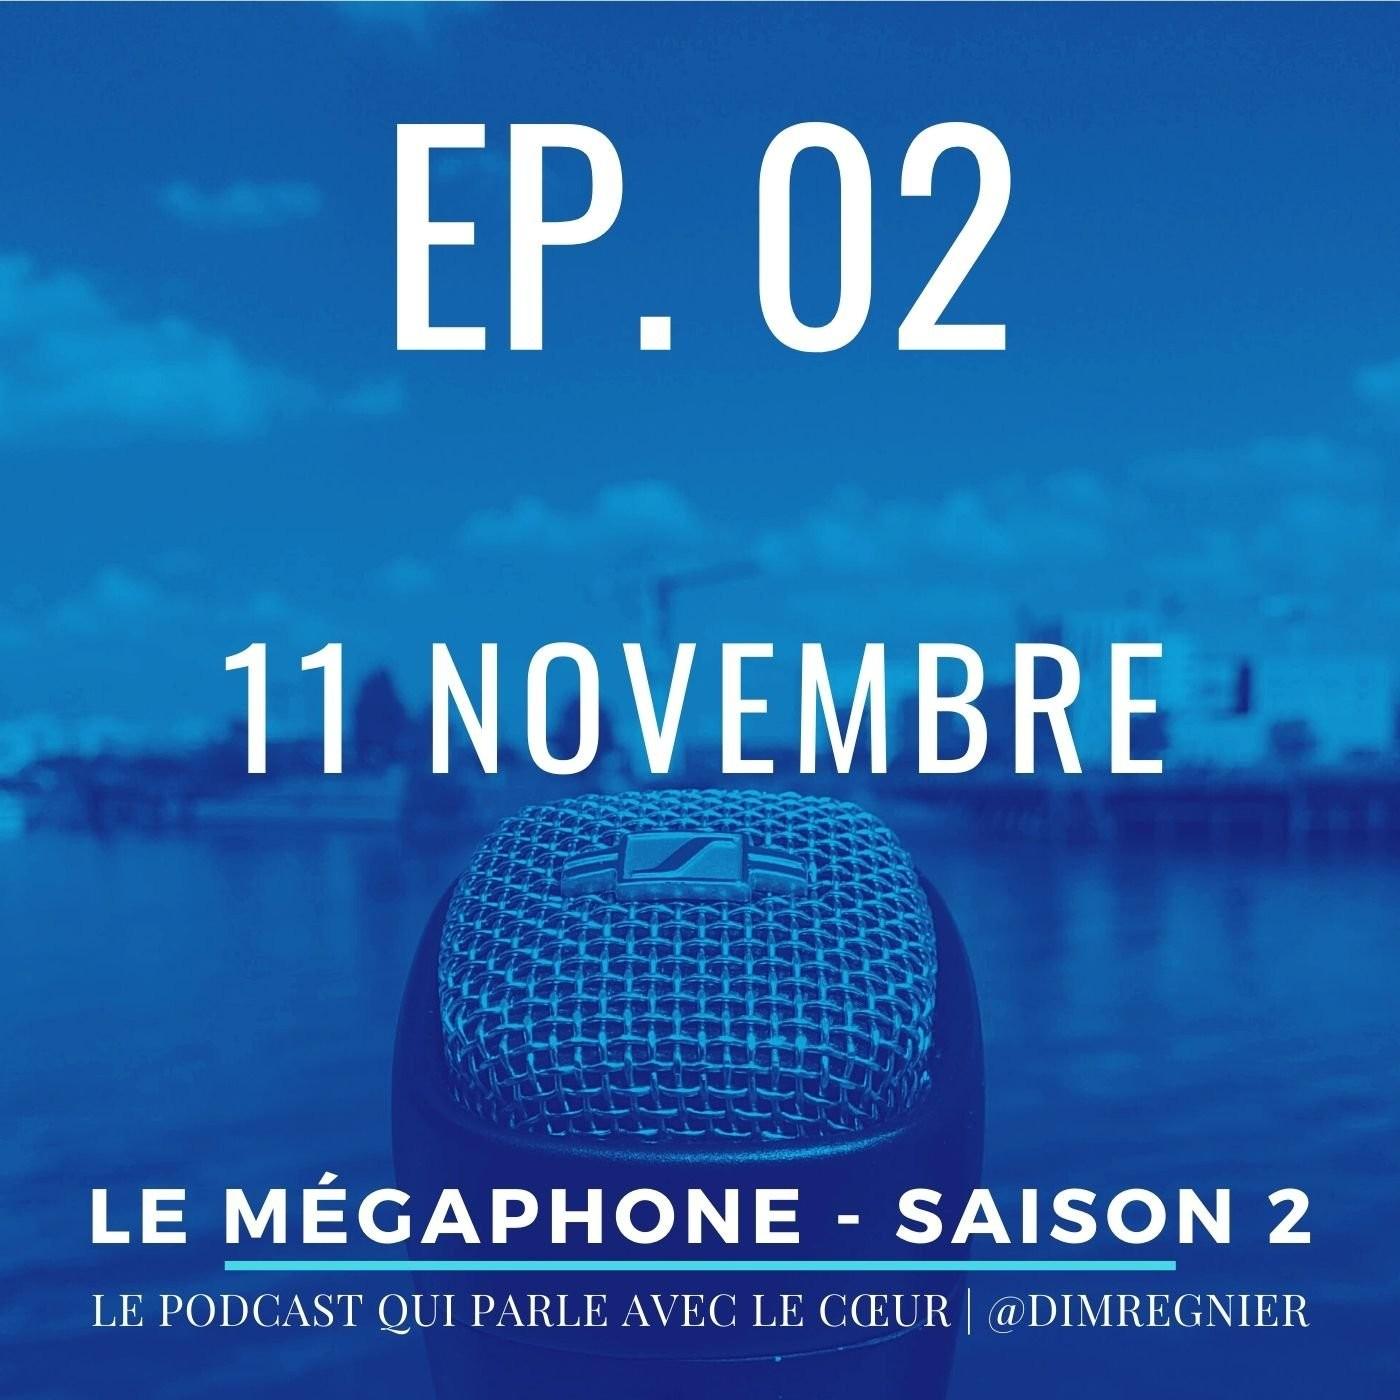 Ép. 02 - 11 novembre, when the battle is over